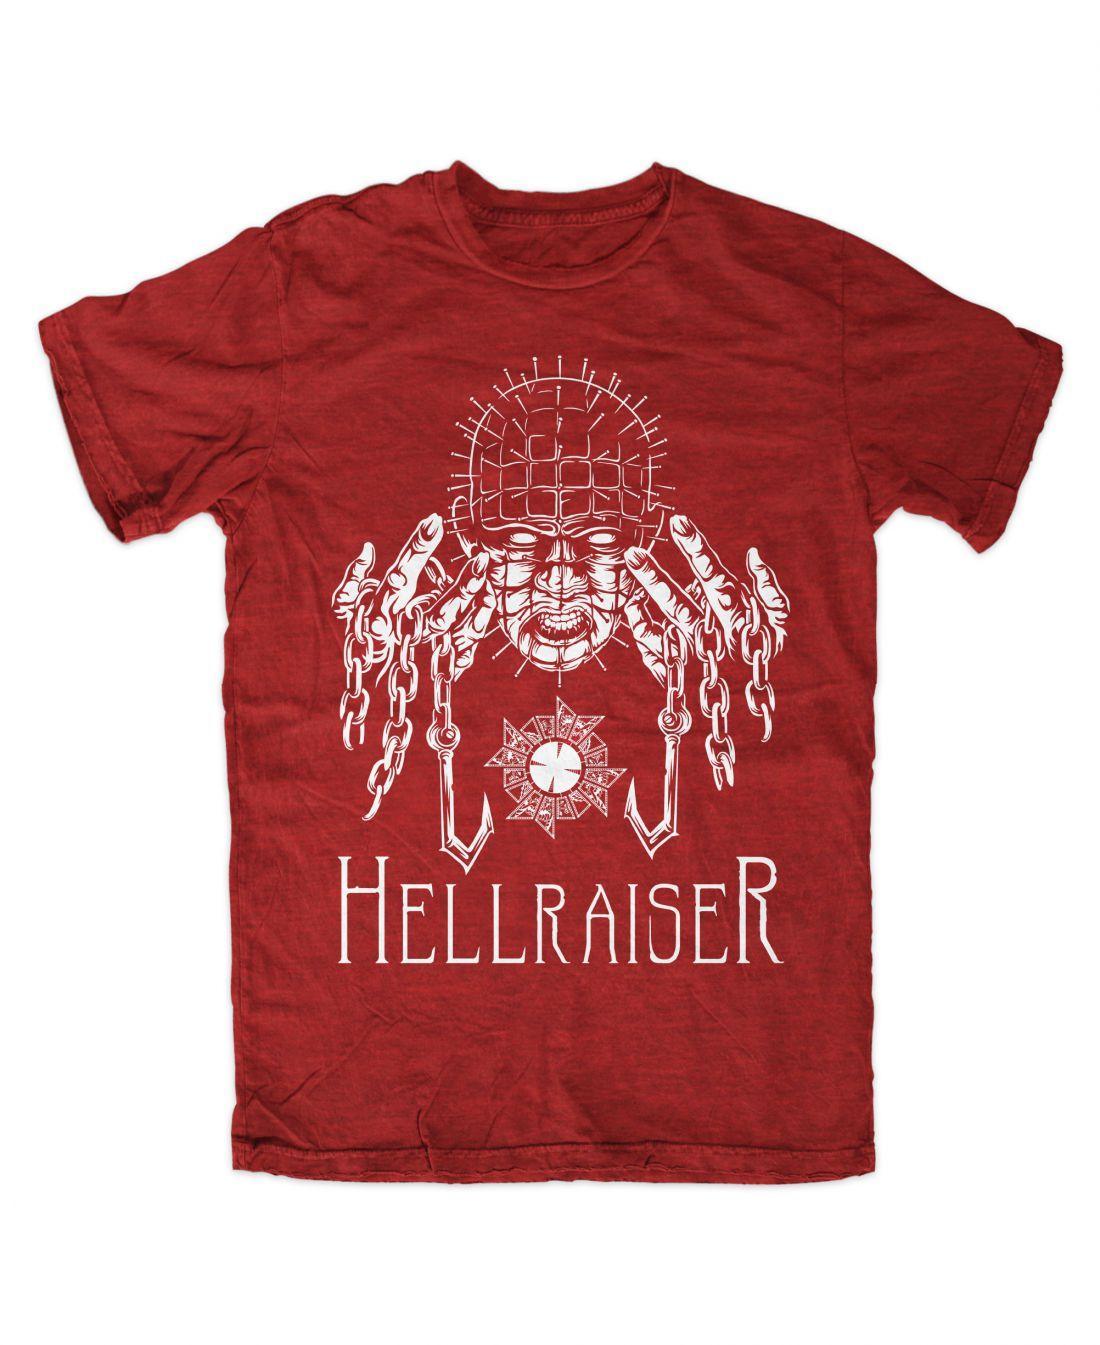 Hellraiser 001 (piros póló)